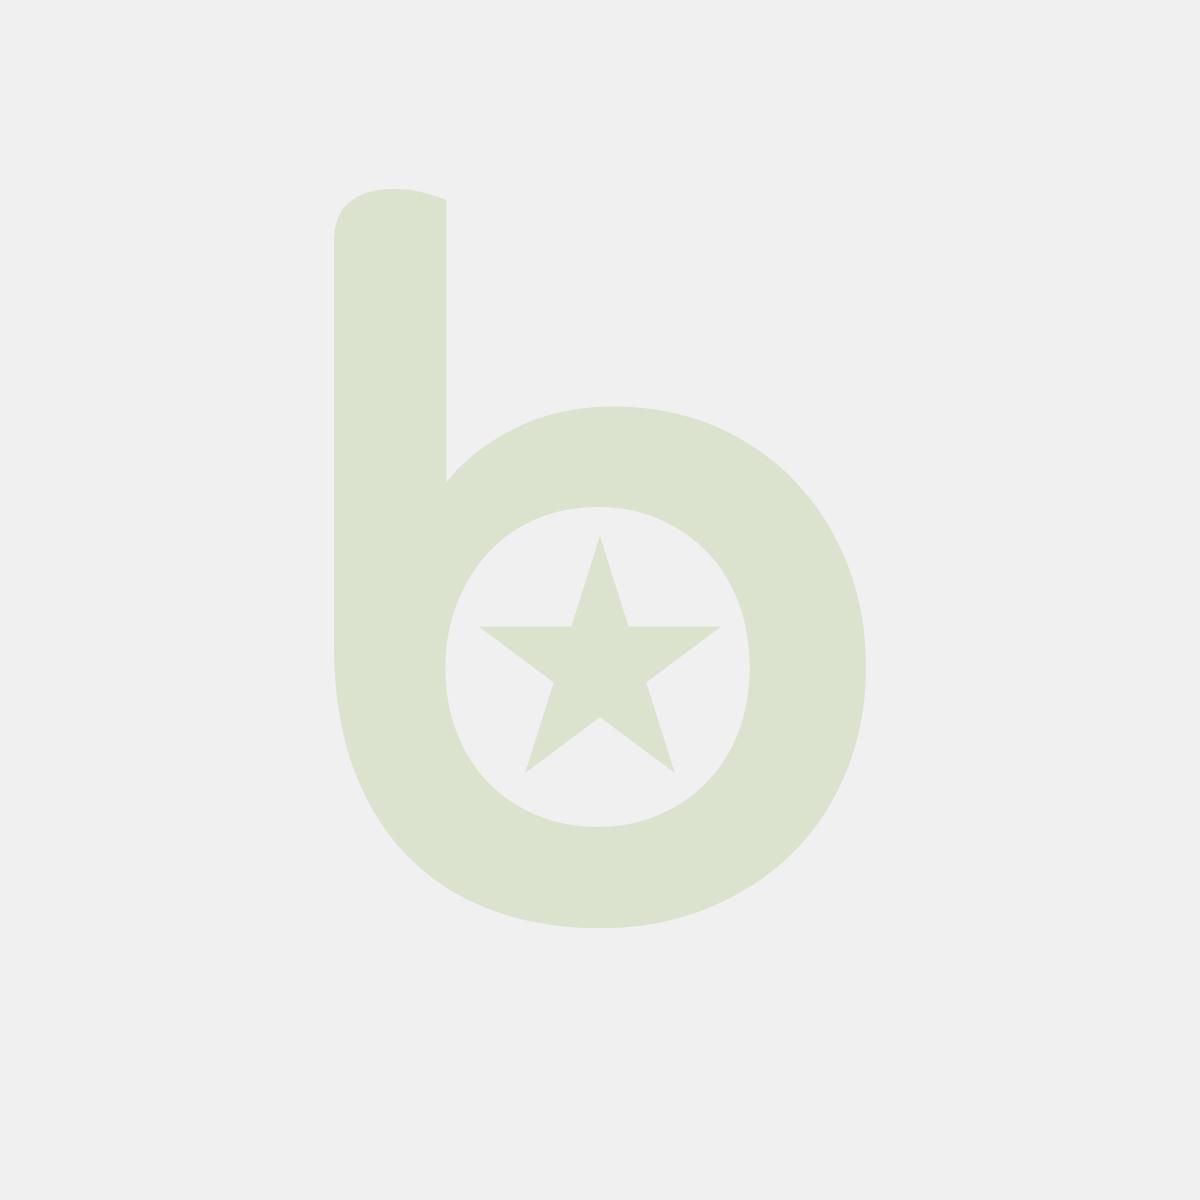 Wkład Express 75 do długopisu SCHNEIDER, M, format A2, czarny